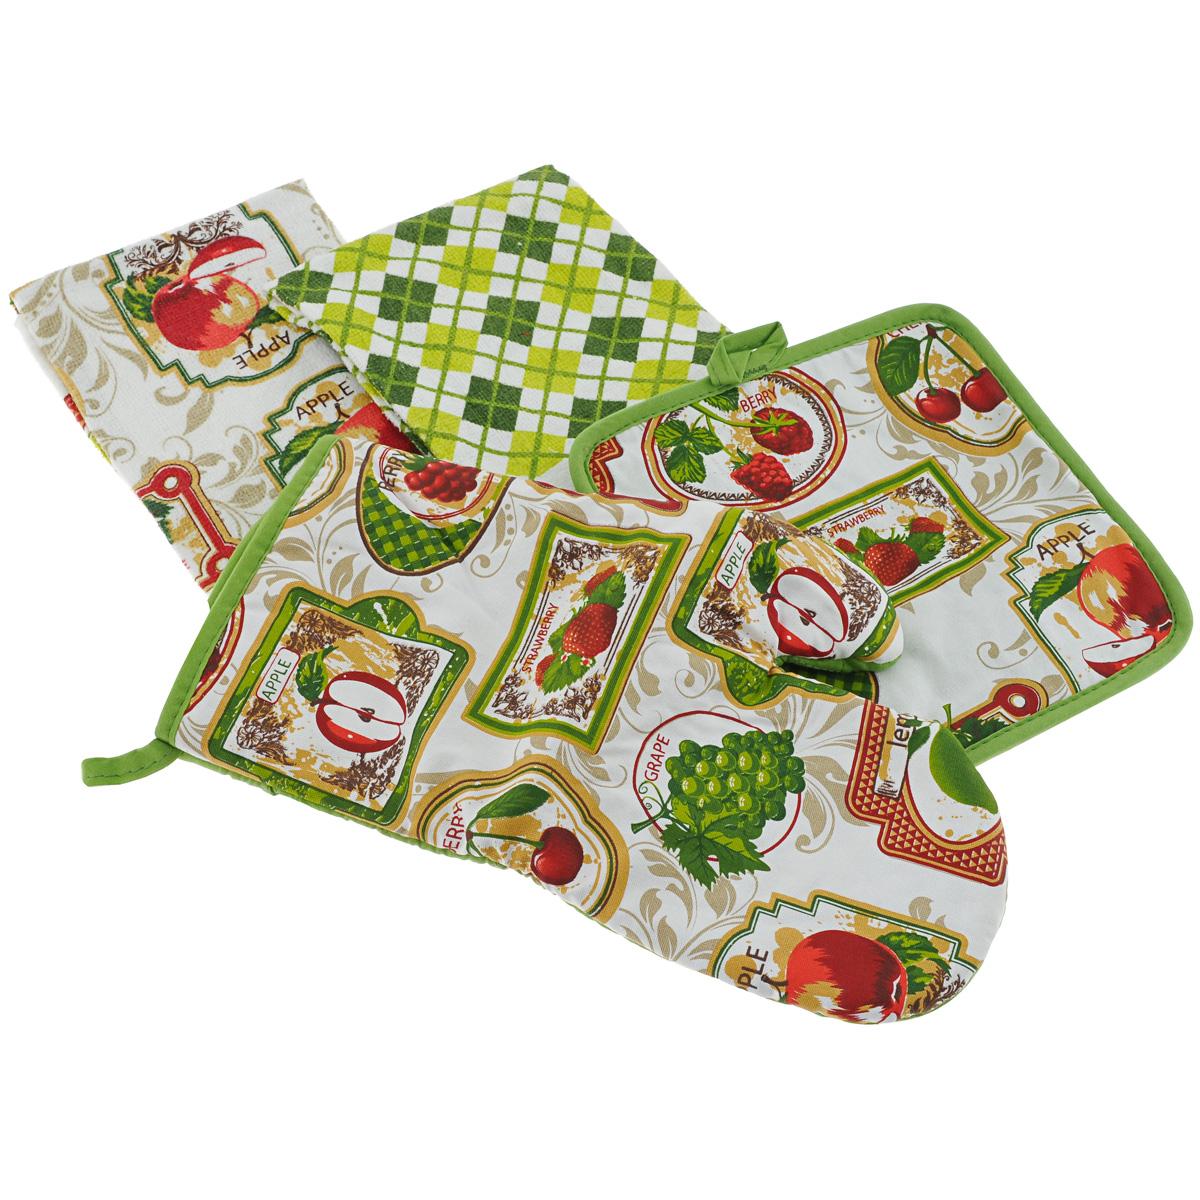 Набор для кухни Primavelle Фрукты, 4 предмета45932460-a21Набор для кухни Primavelle Фрукты состоит из квадратной прихватки, варежки-прихватки и двух кухонных полотенец. Предметы набора изготовлены из натурального хлопка и оформлены ярким изображением фруктов. Махровые полотенца подарят вам мягкость и необыкновенный комфорт в использовании. Они идеально впитывают влагу и сохраняют свою необычайную мягкость даже после многих стирок. Одно из полотенец оформлено принтом в клетку, а другое - изображением фруктов. Прихватки снабжены петелькой для удобного подвешивания на крючок, они защитят ваши руки от воздействия горячих температур и обеспечат комфорт во время приготовления пищи. Кроме того, комплект имеет яркий красочный дизайн, он украсит ваш интерьер и станет прекрасным подарком. Размер полотенец: 38 см х 64 см. Размер прихватки: 20 см х 20 см. Размер варежки-прихватки: 18 см х 33 см.